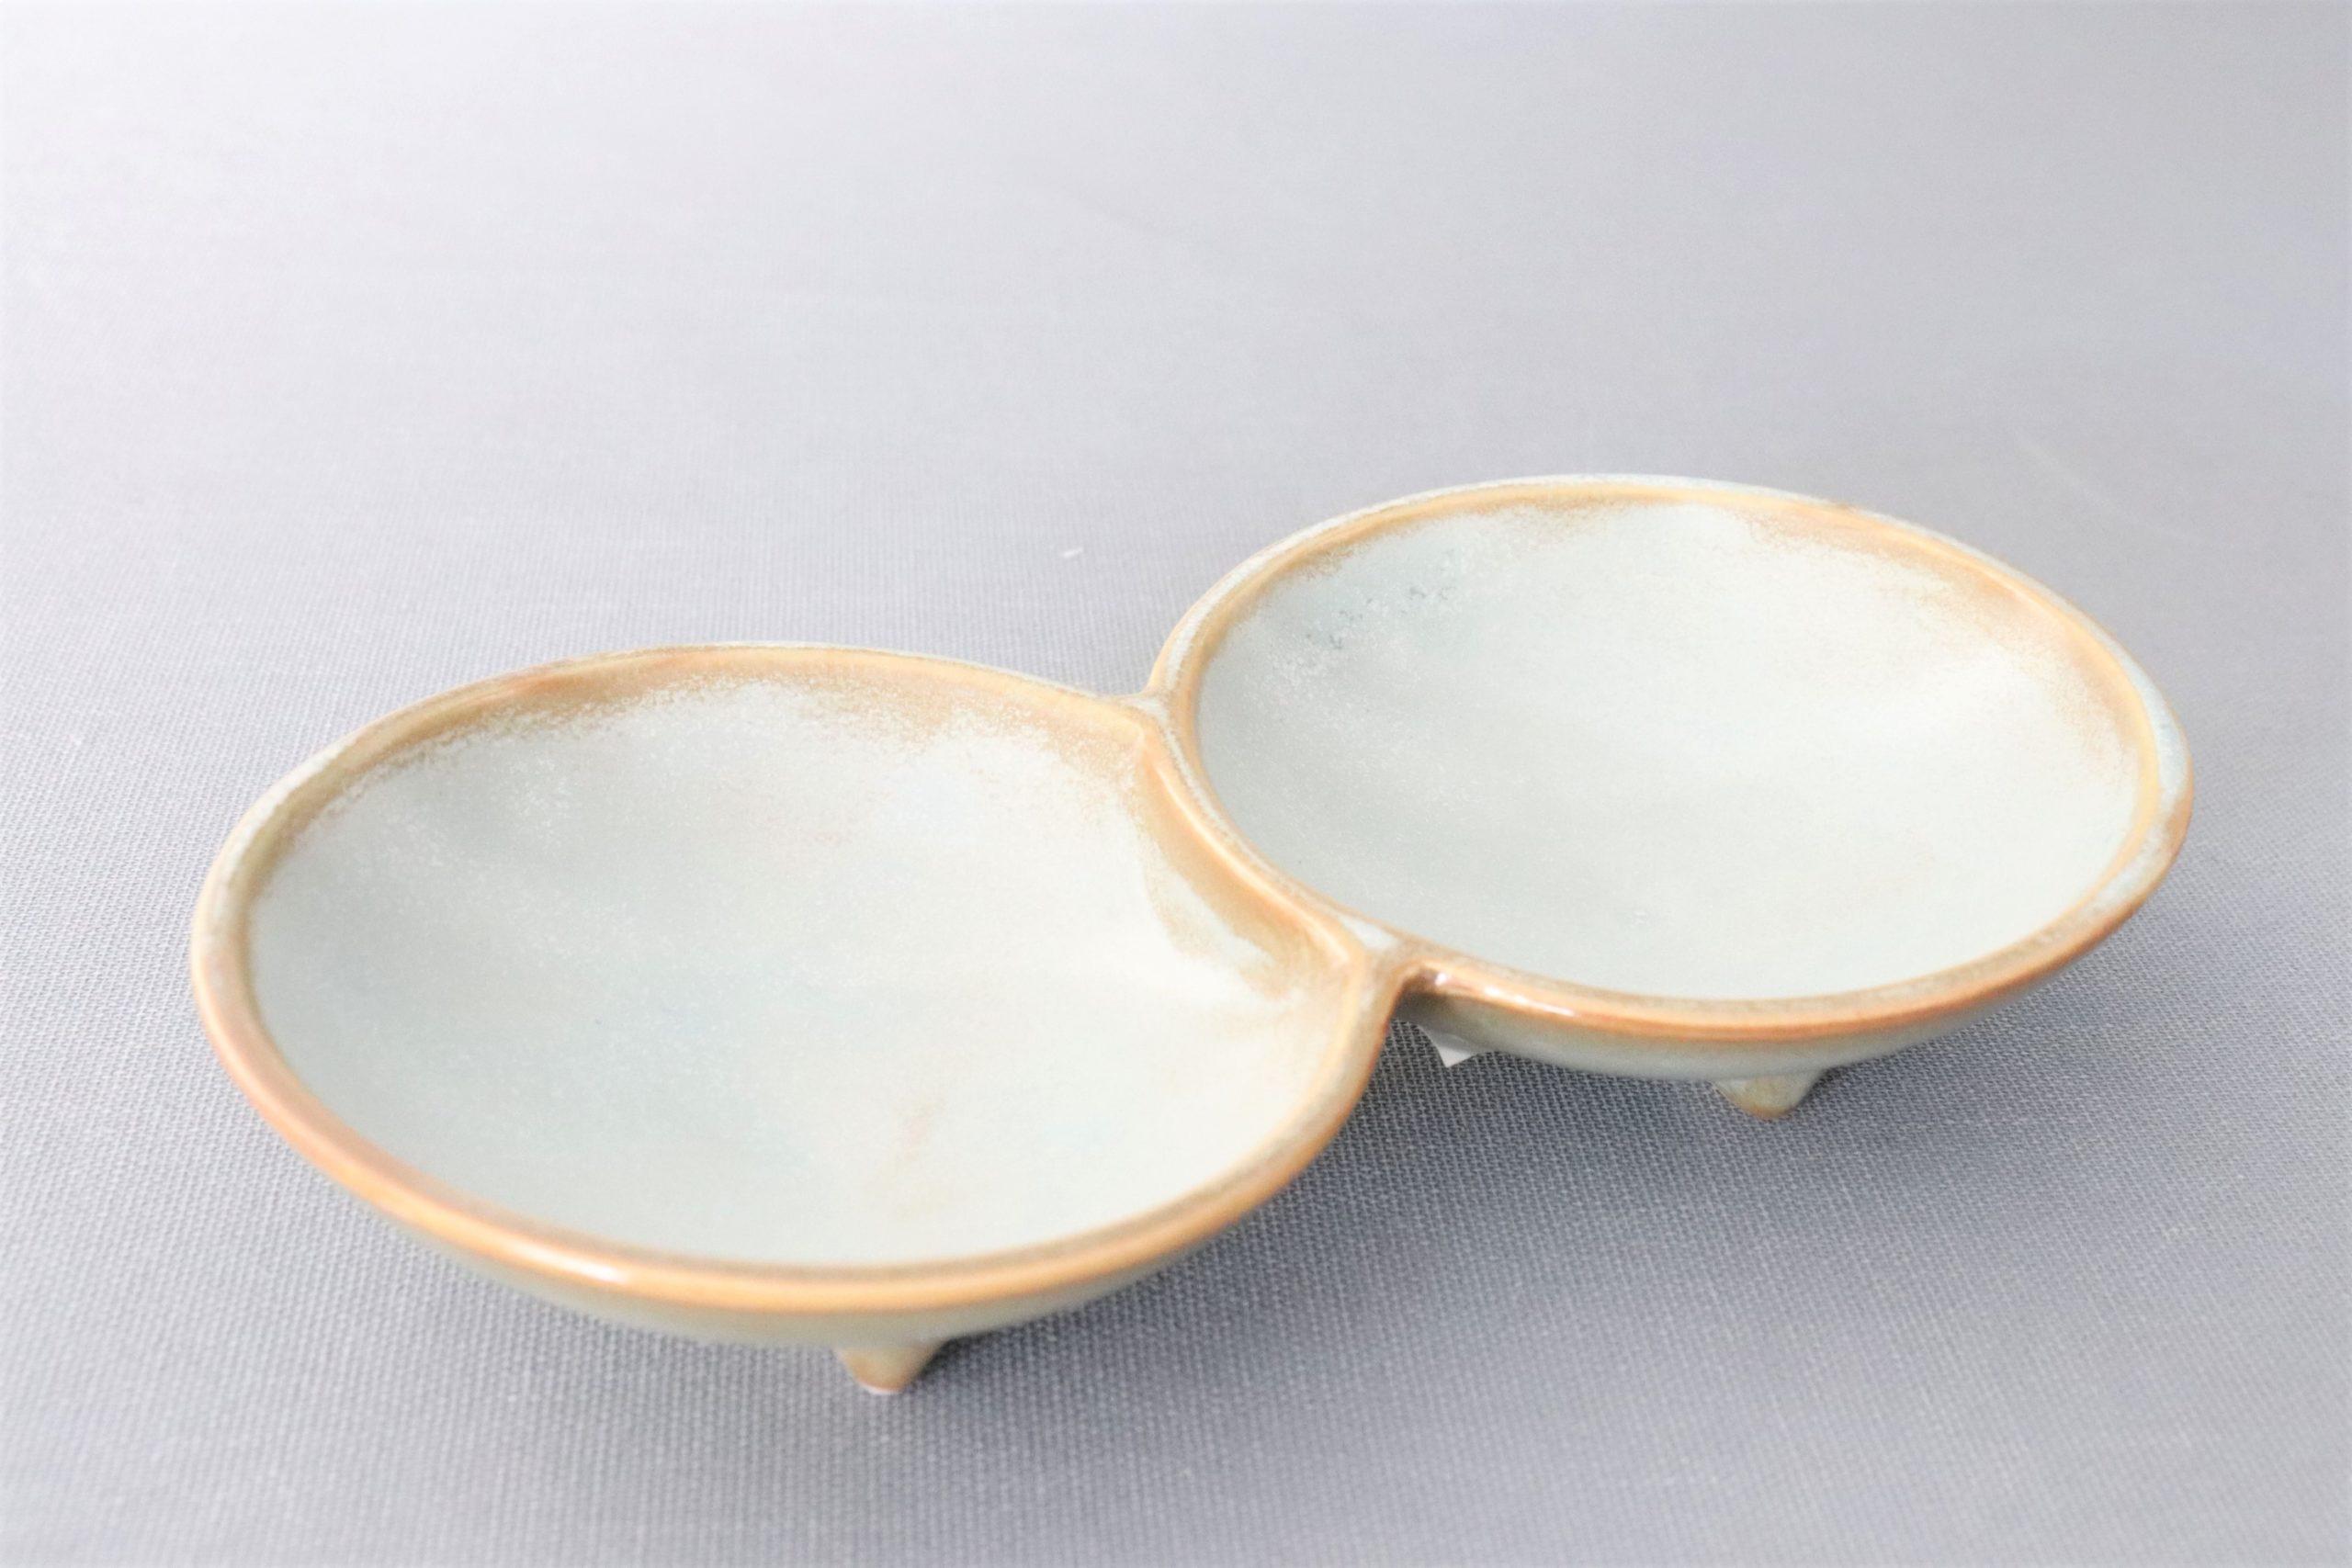 【有田焼】薄利休二組小皿